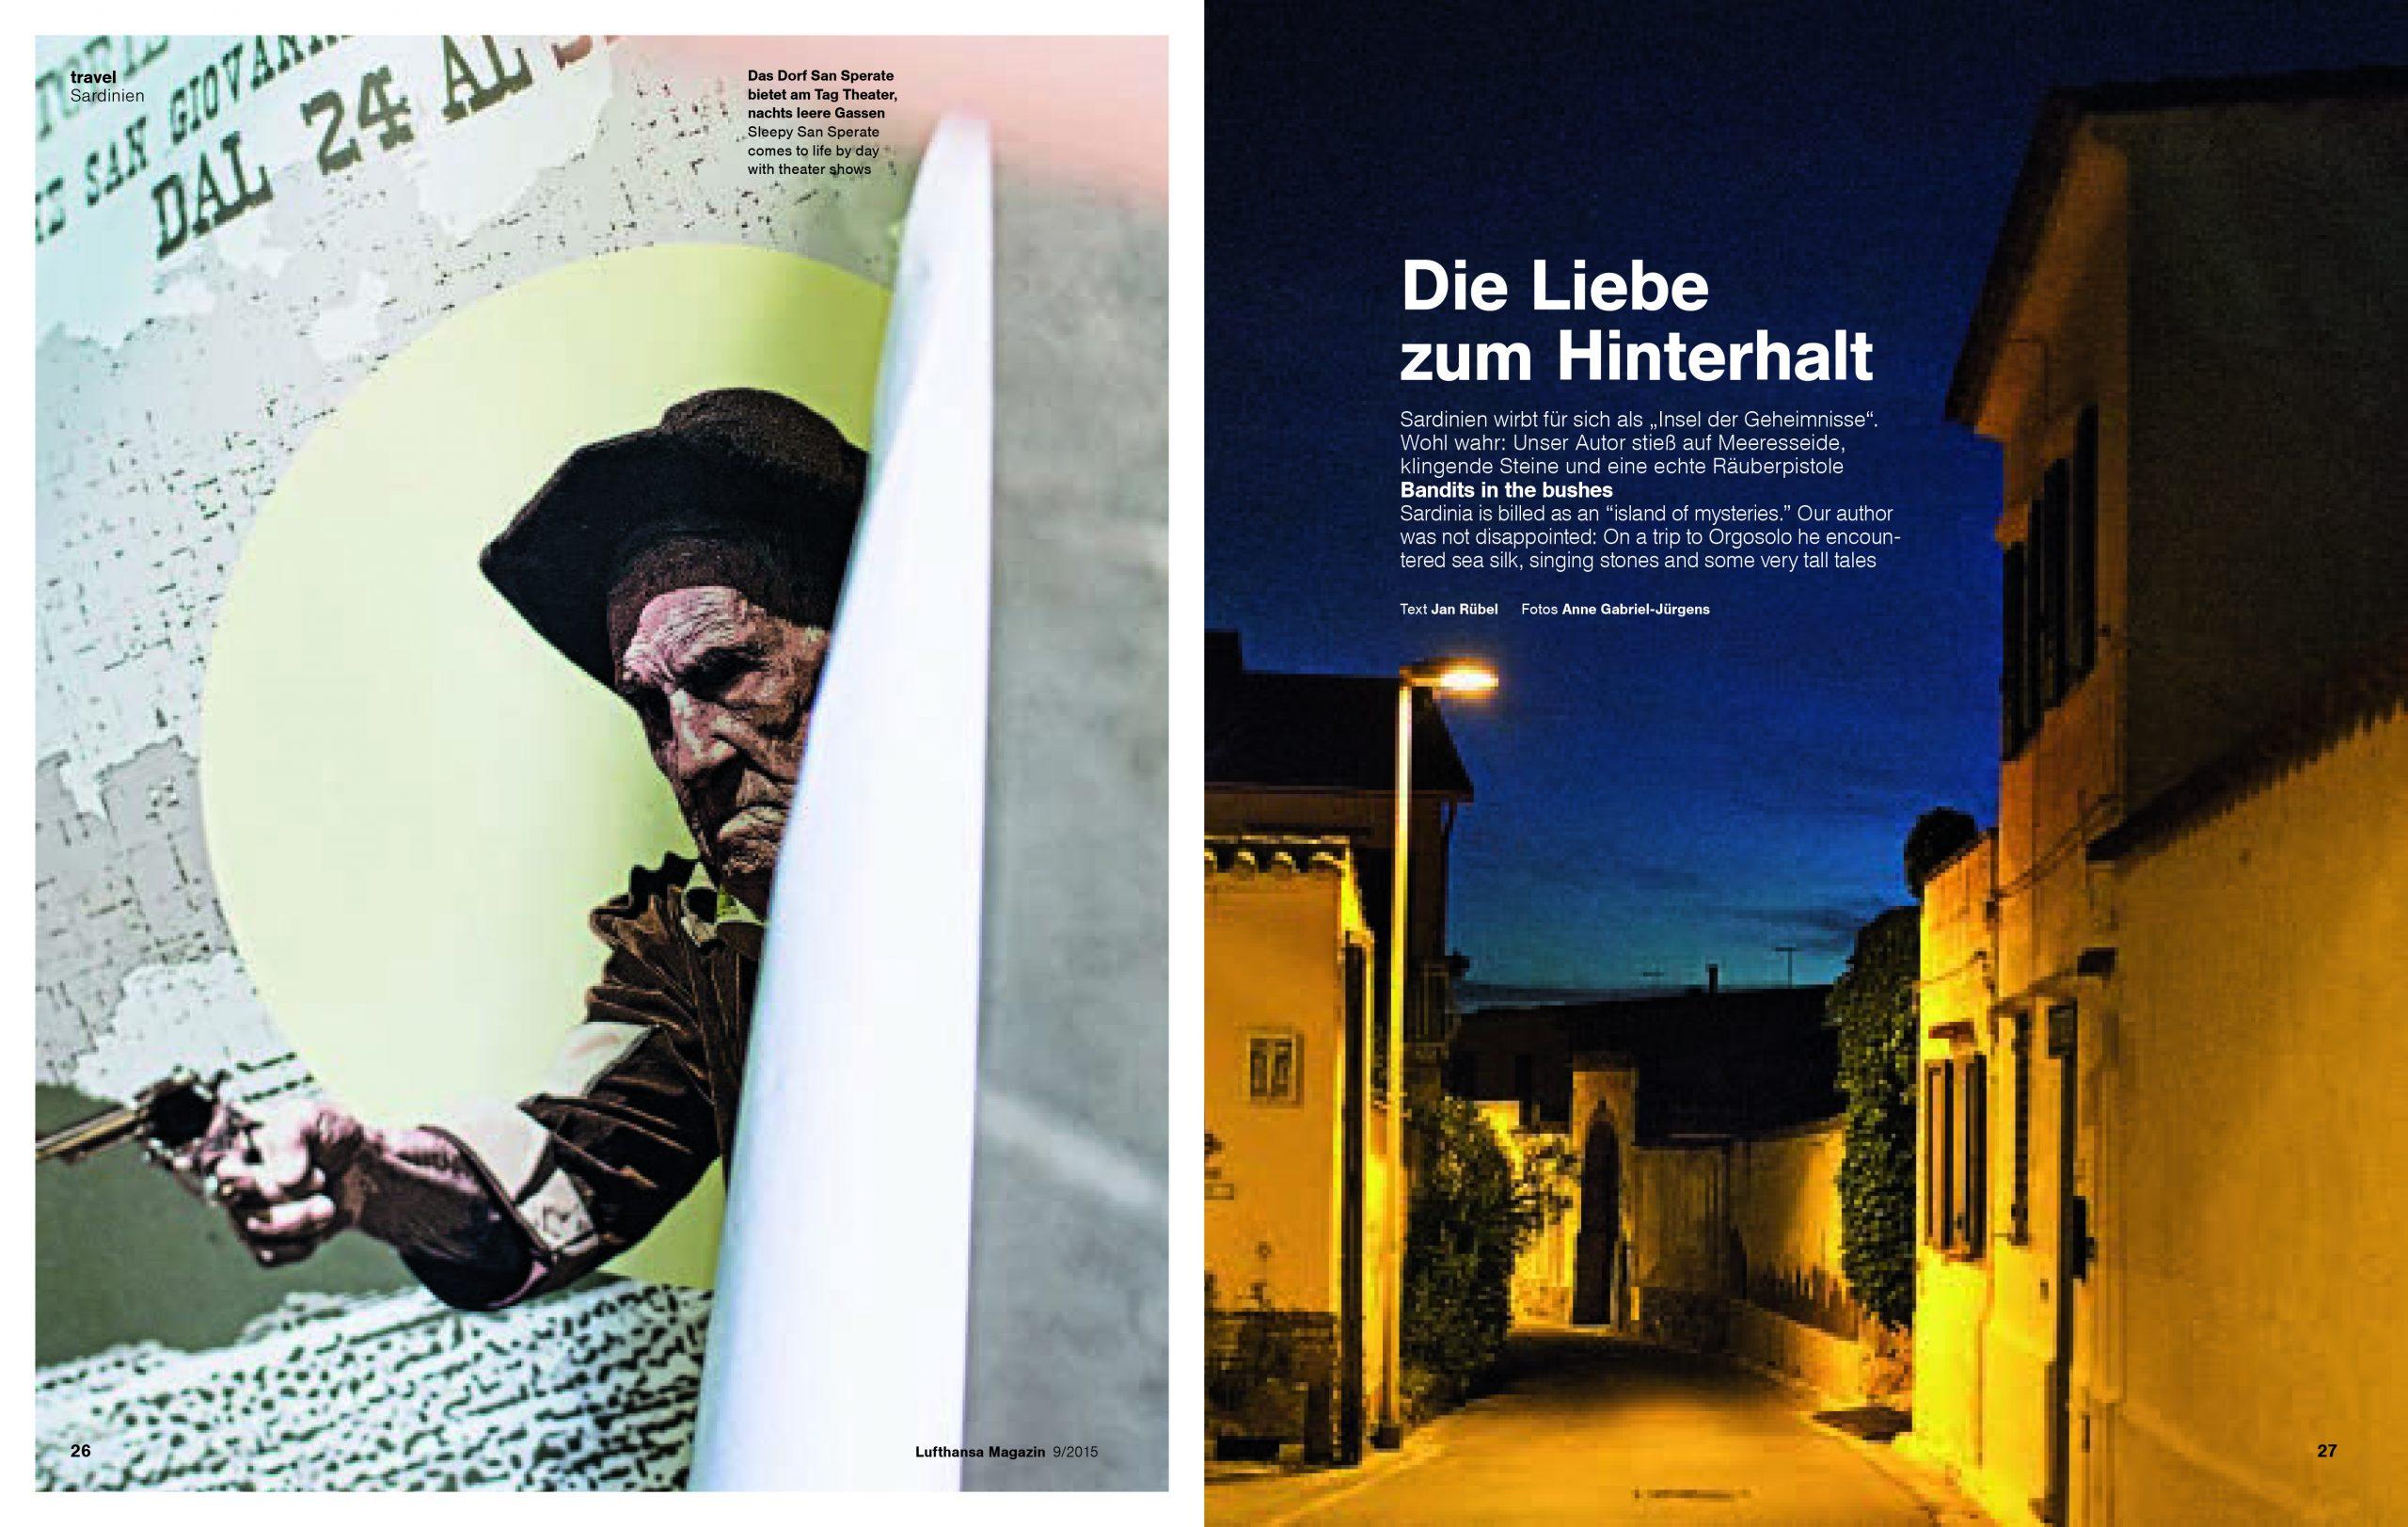 015_08_1-Lufthansa Magazin_Sardinien-1